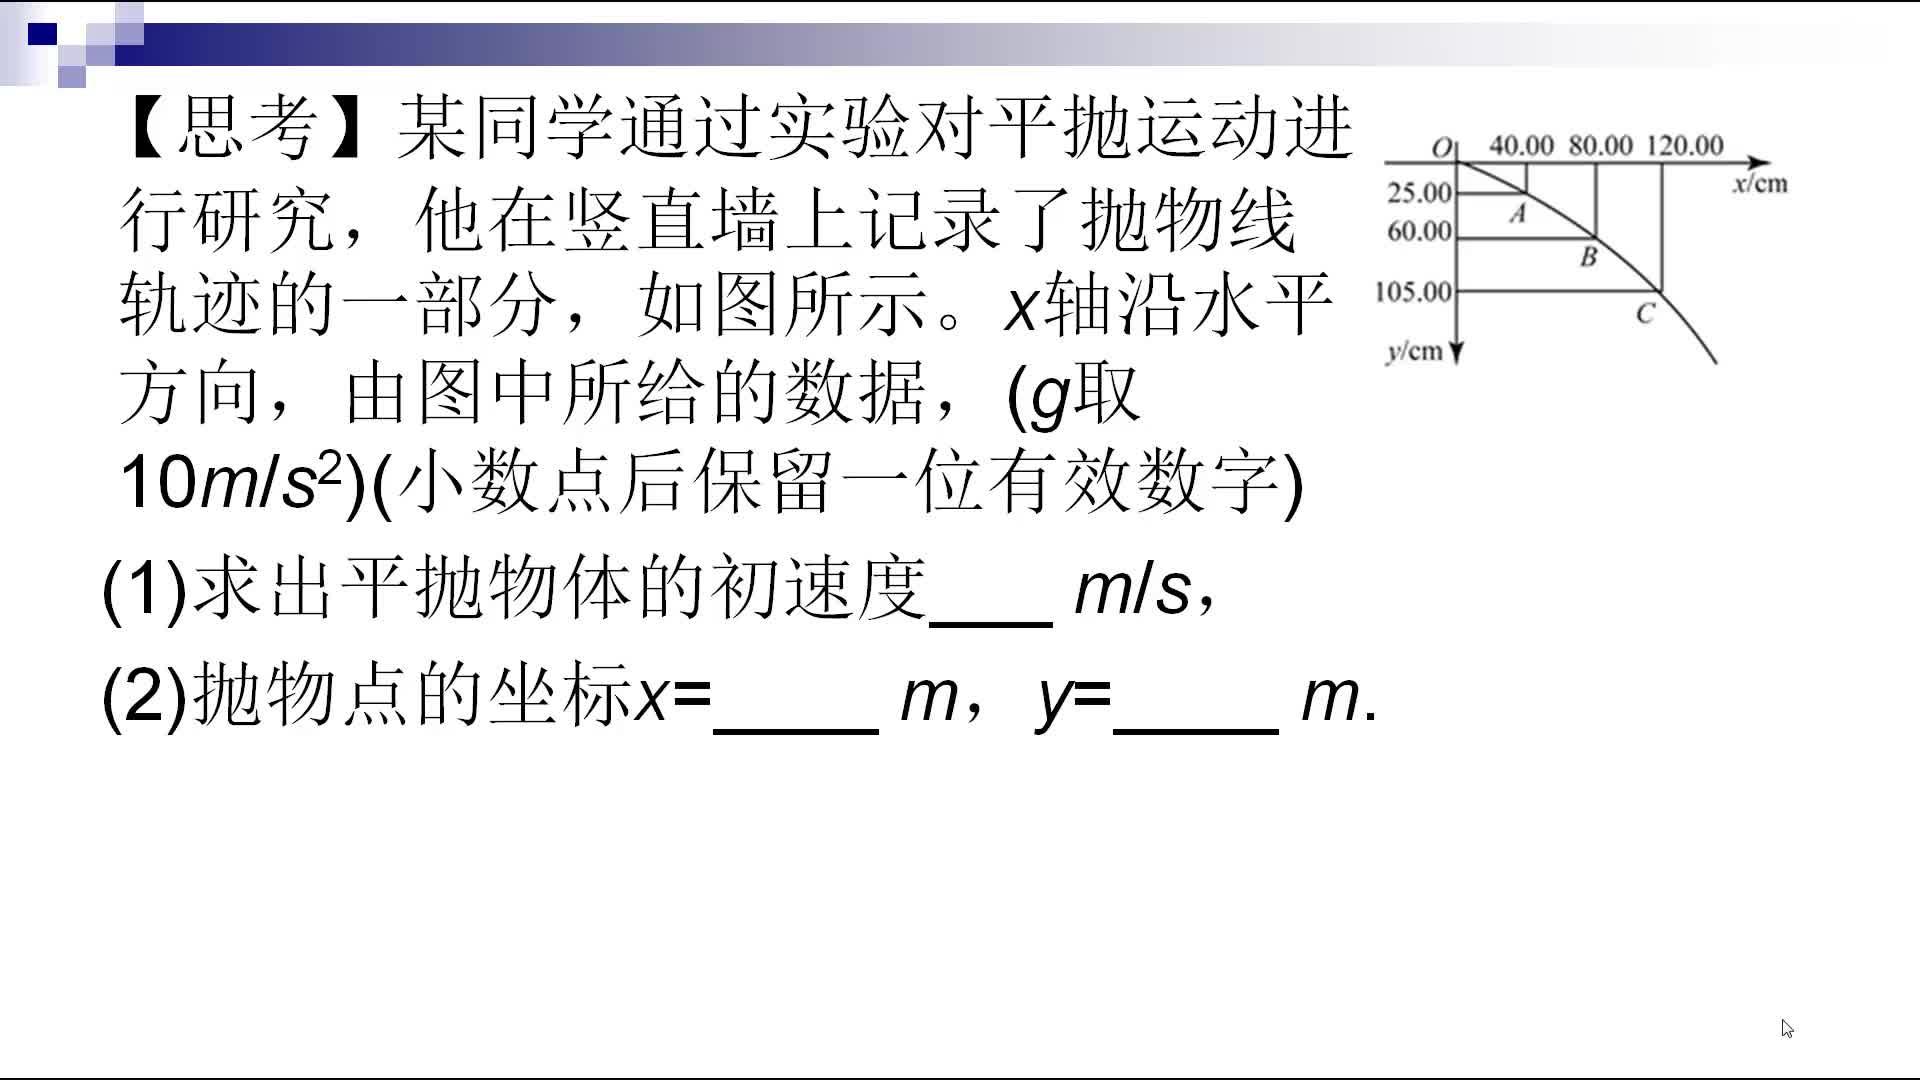 人教版高中物理必修二5.2平抛运动 坐标原点未必是抛出点(平抛运动难点辨析)-视频微课堂